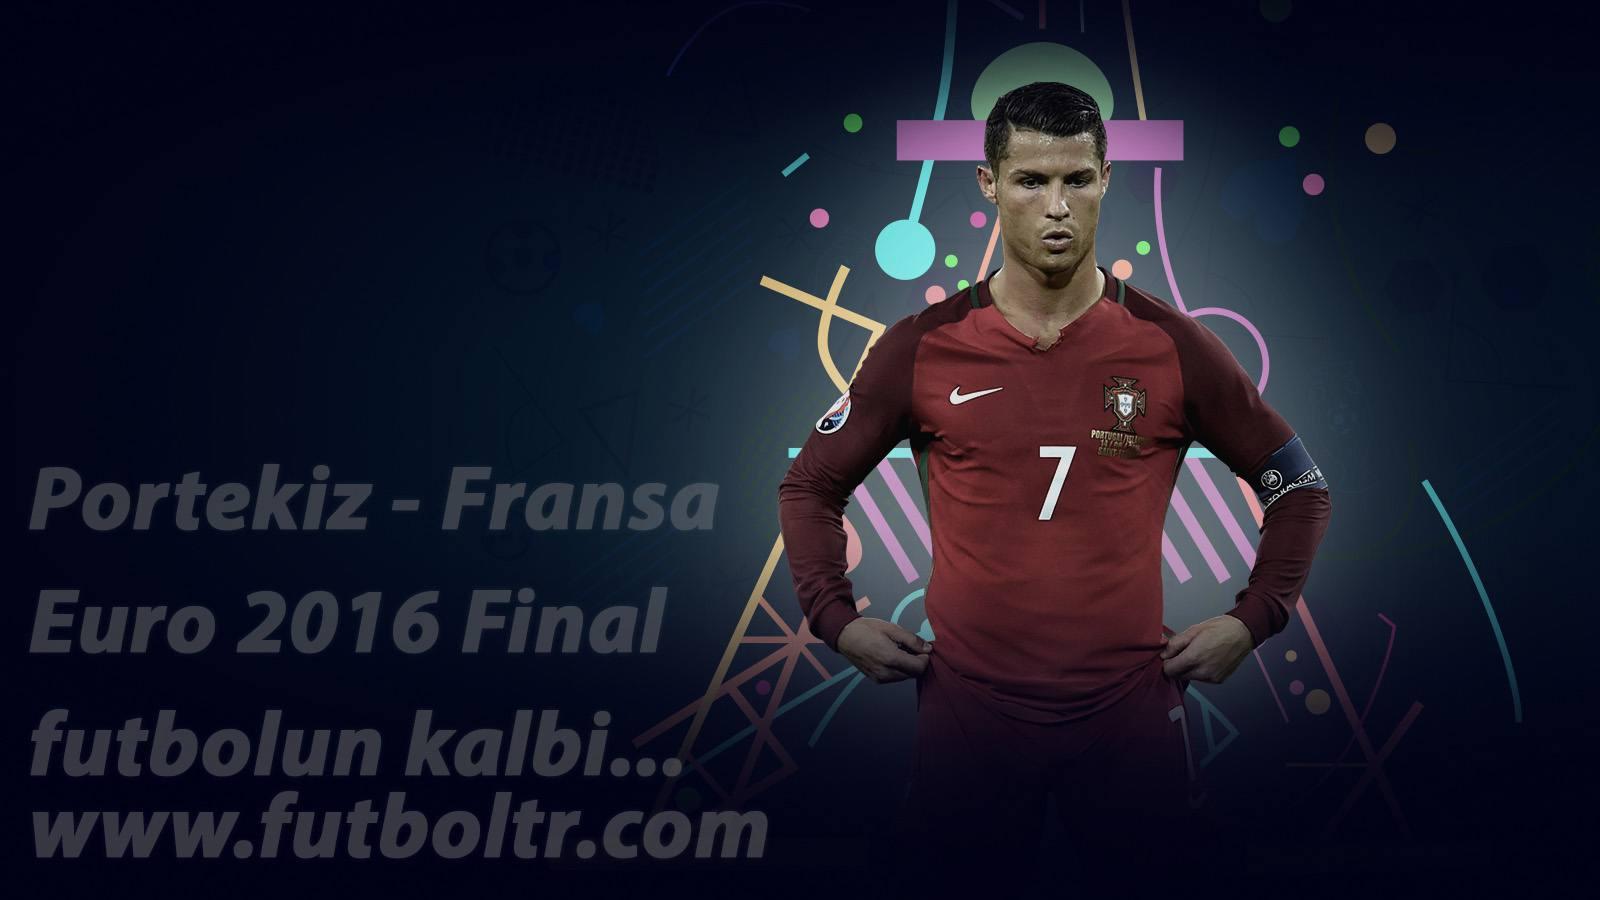 Euro 2016 Final Karşılaşması Fransa Portekiz Bahis Yorumu